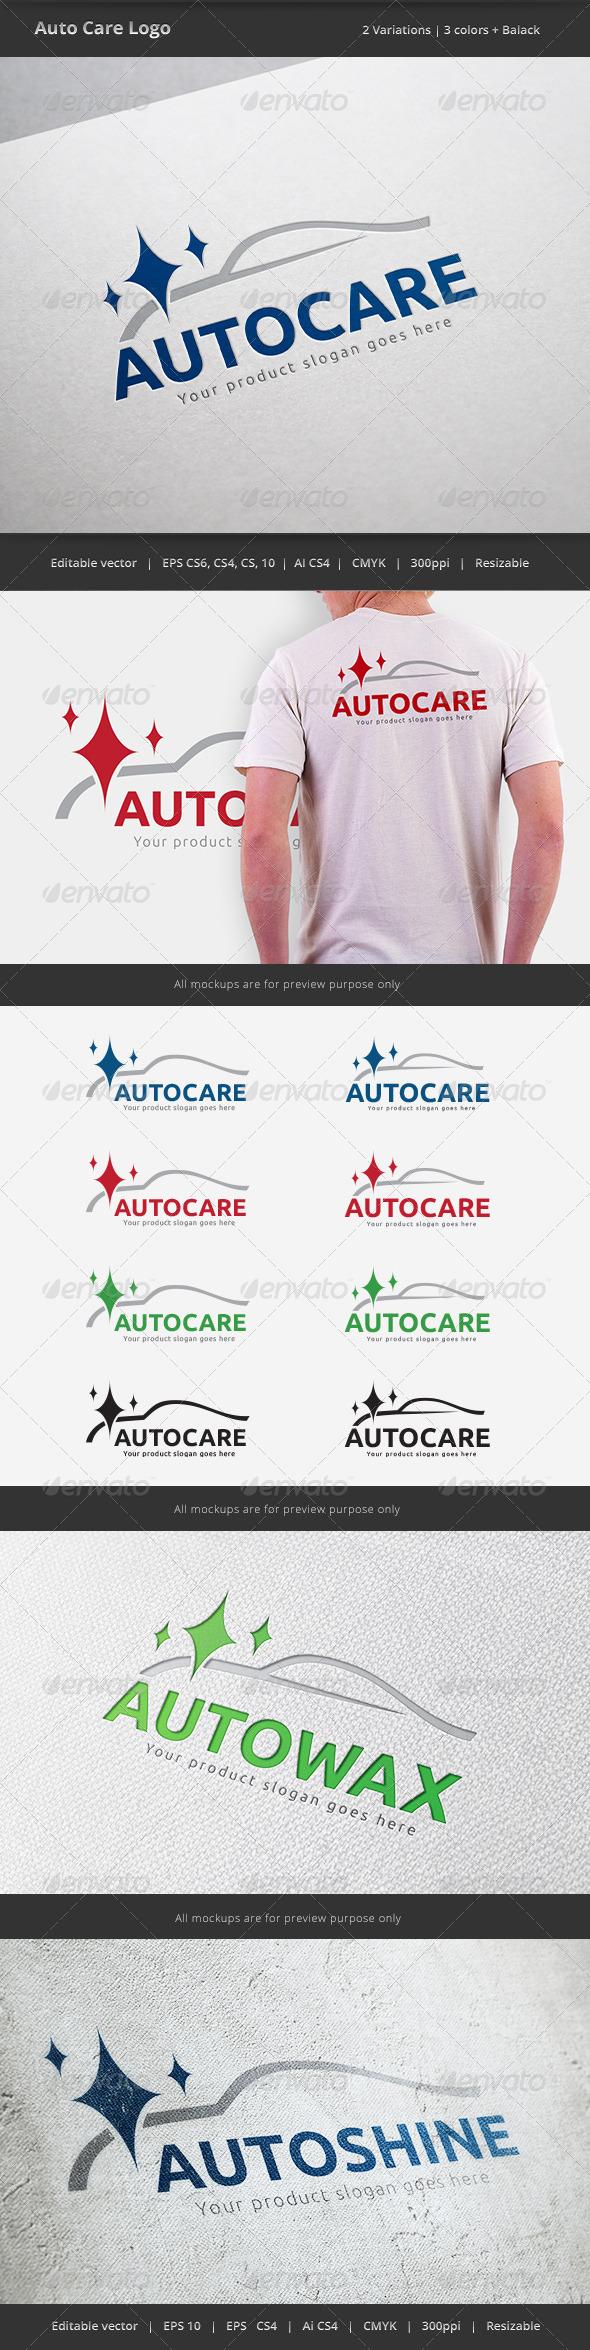 GraphicRiver Auto Car Care Logo 6048849